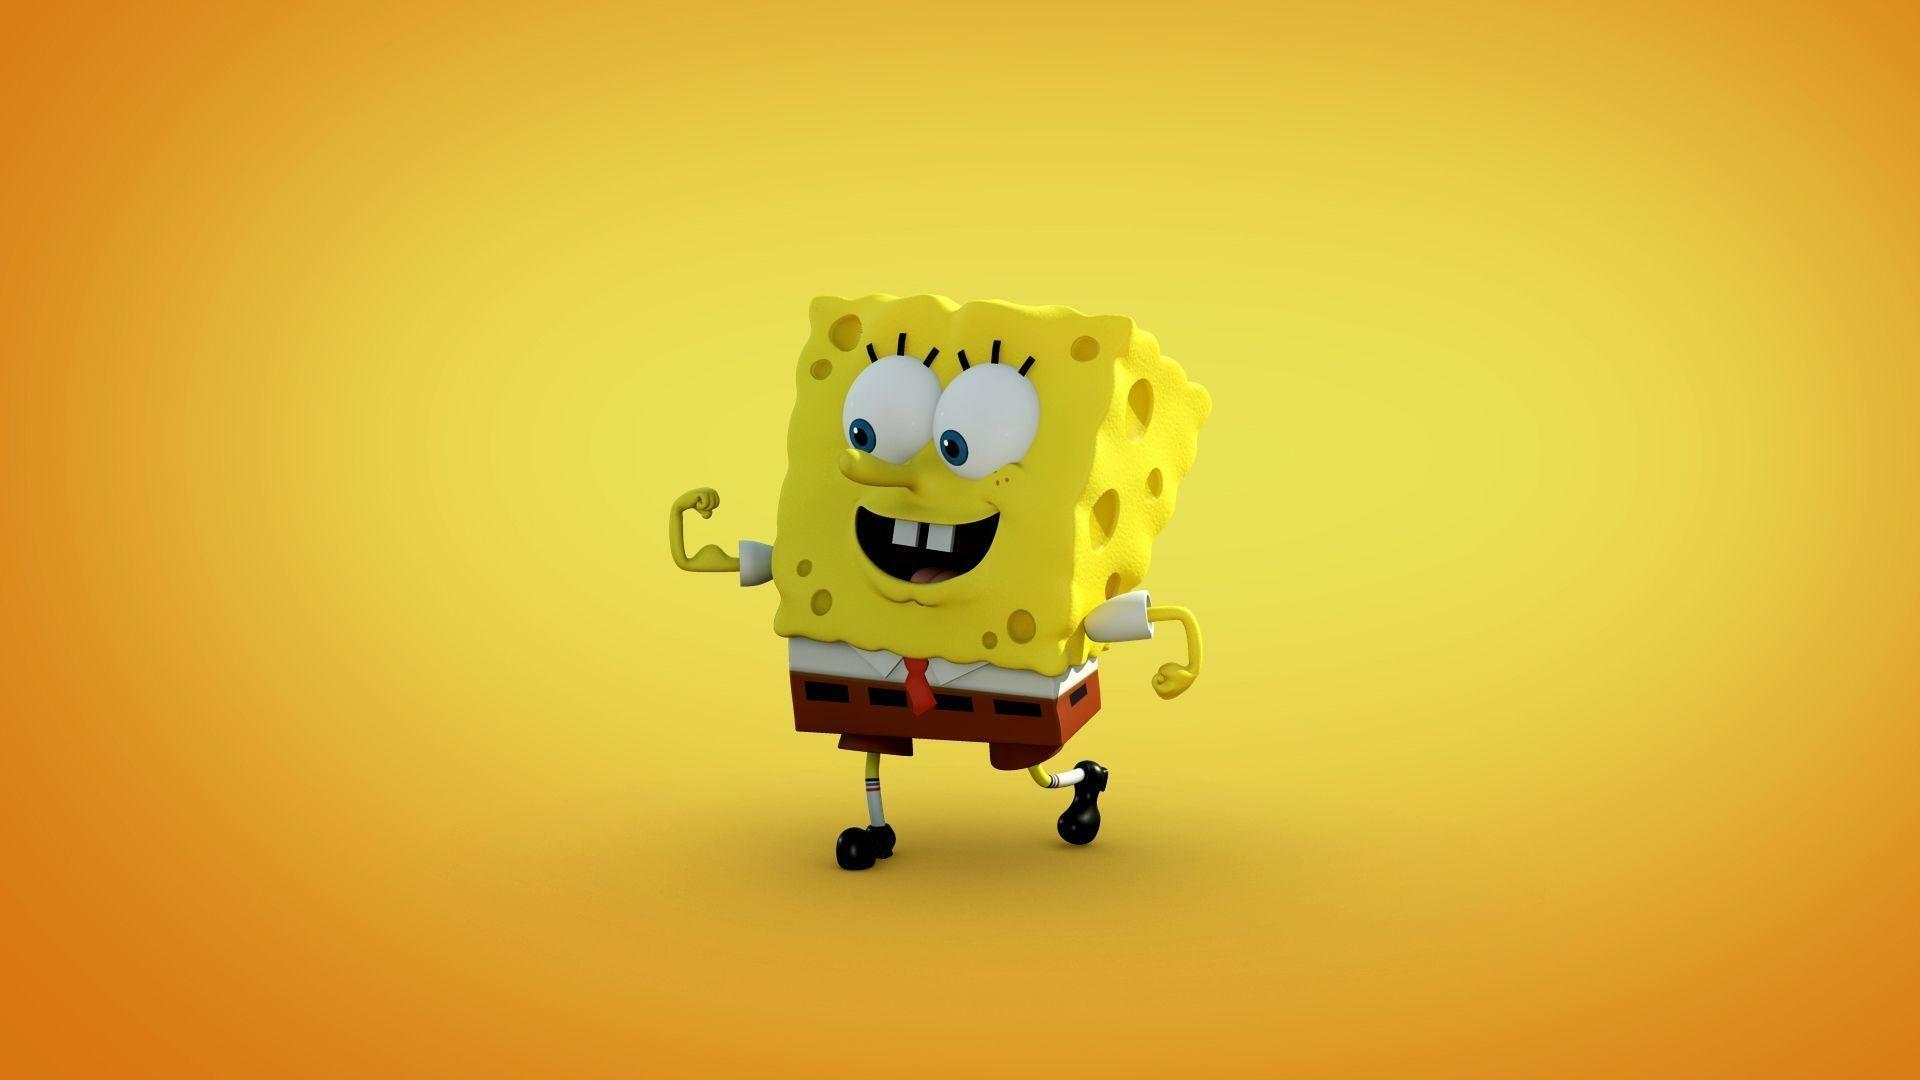 Sponge hd background